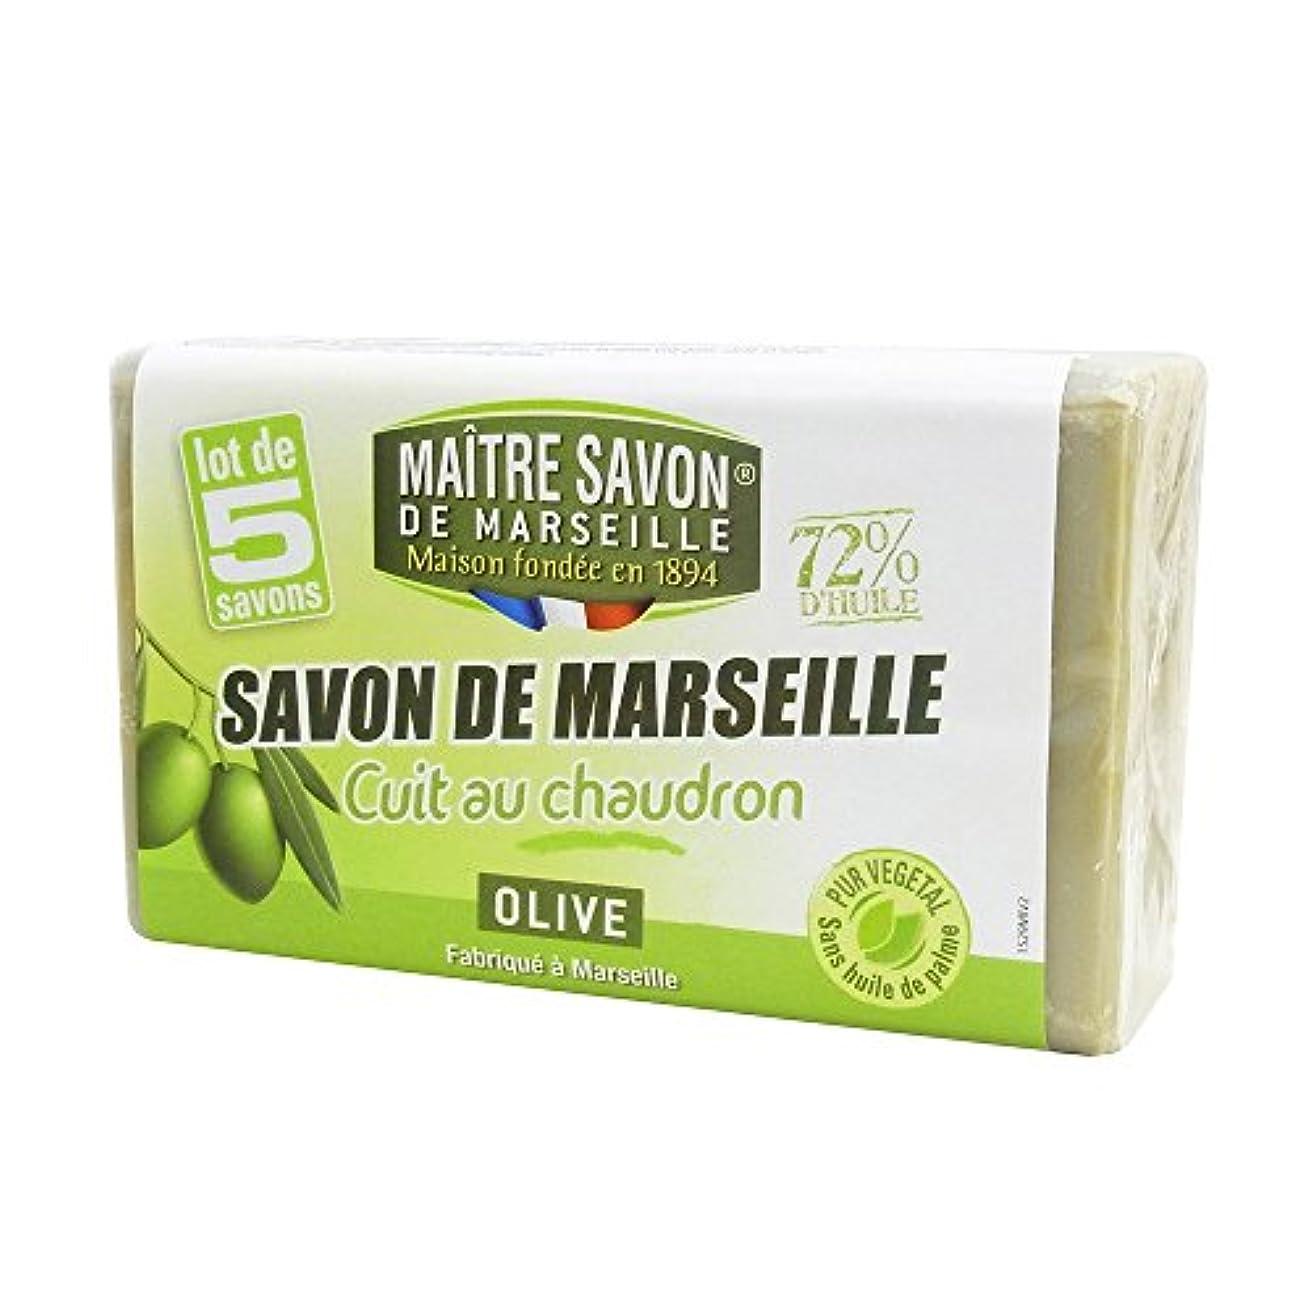 例示するエンドテーブル数字Maitre Savon de Marseille(メートル?サボン?ド?マルセイユ) サボン?ド?マルセイユ オリーブ 100g×5個